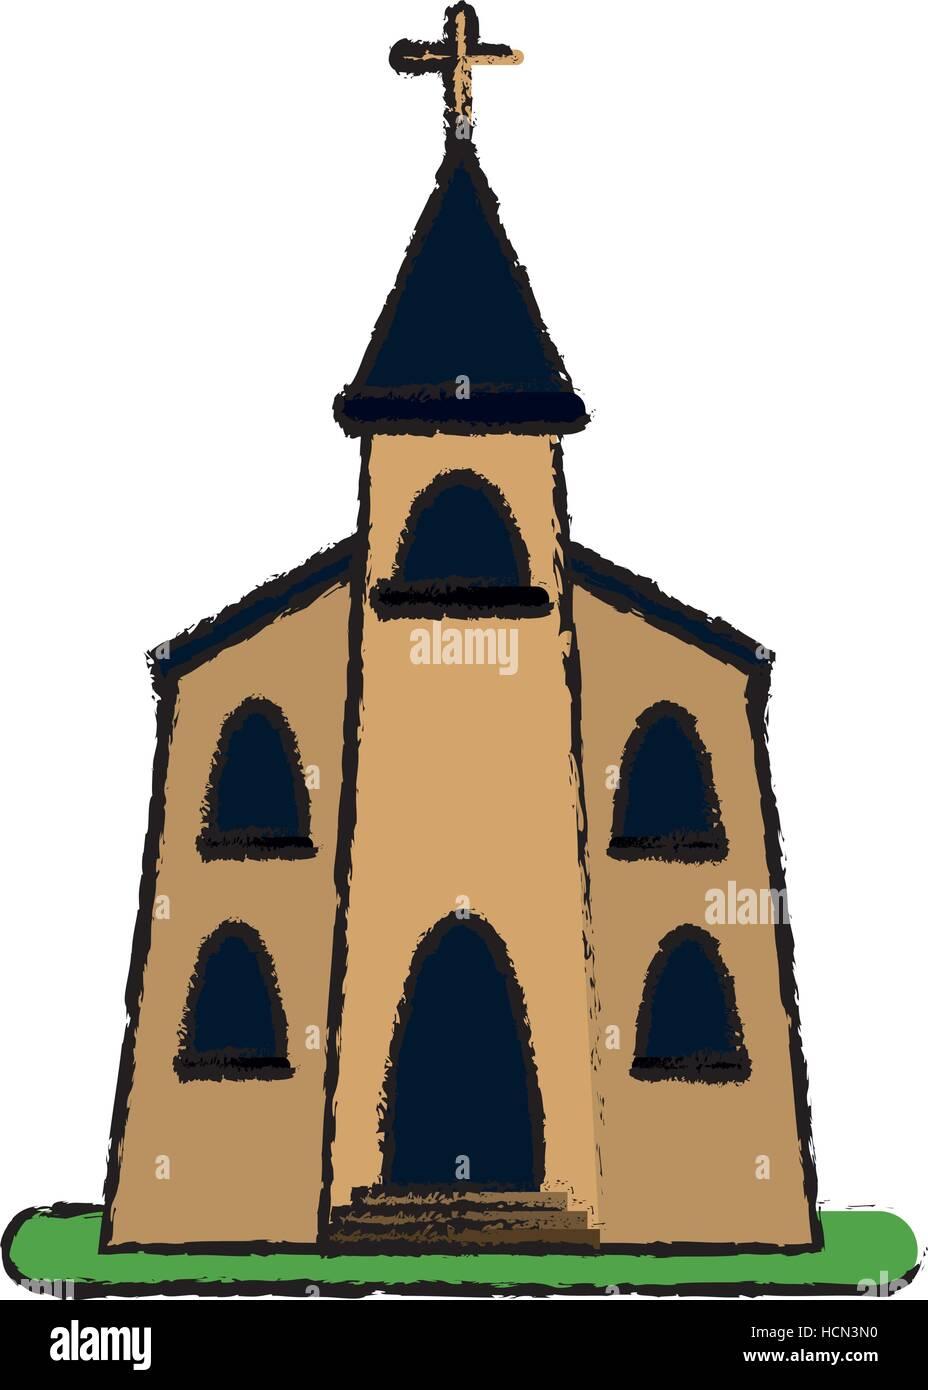 Edificio de la iglesia religiosas cristianas sketch Ilustración del Vector